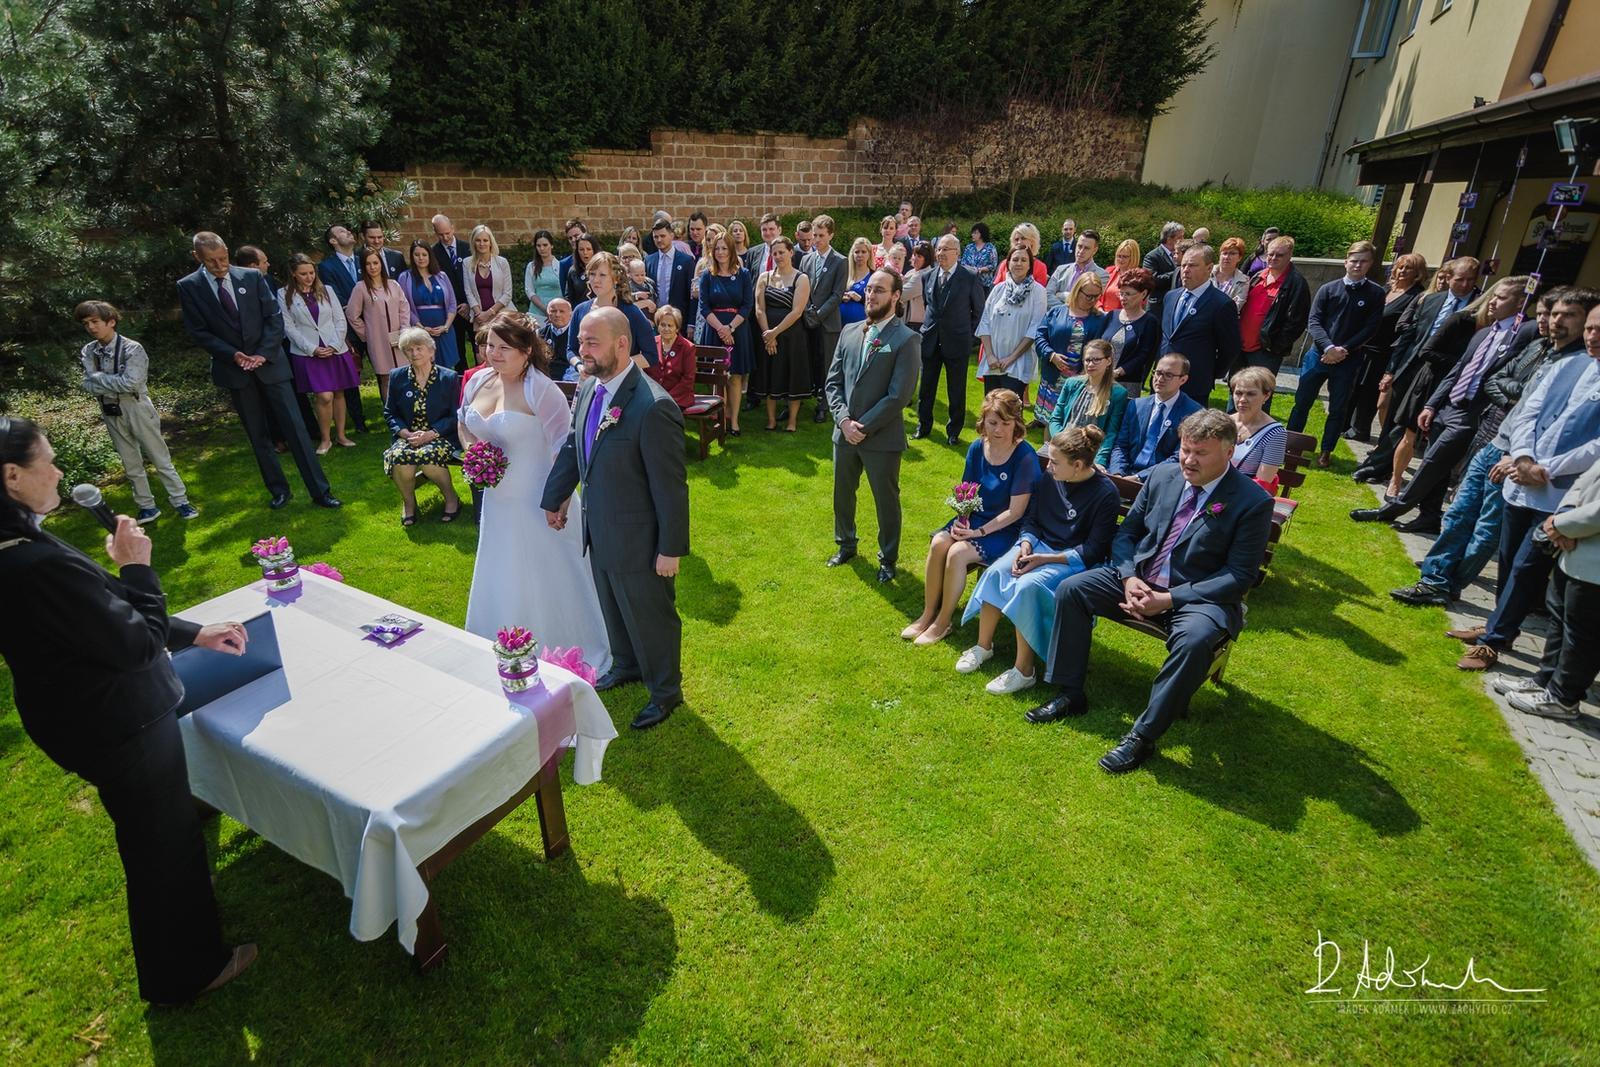 Svatby v Dolce Villa sezóna 2017 - Obrázek č. 2